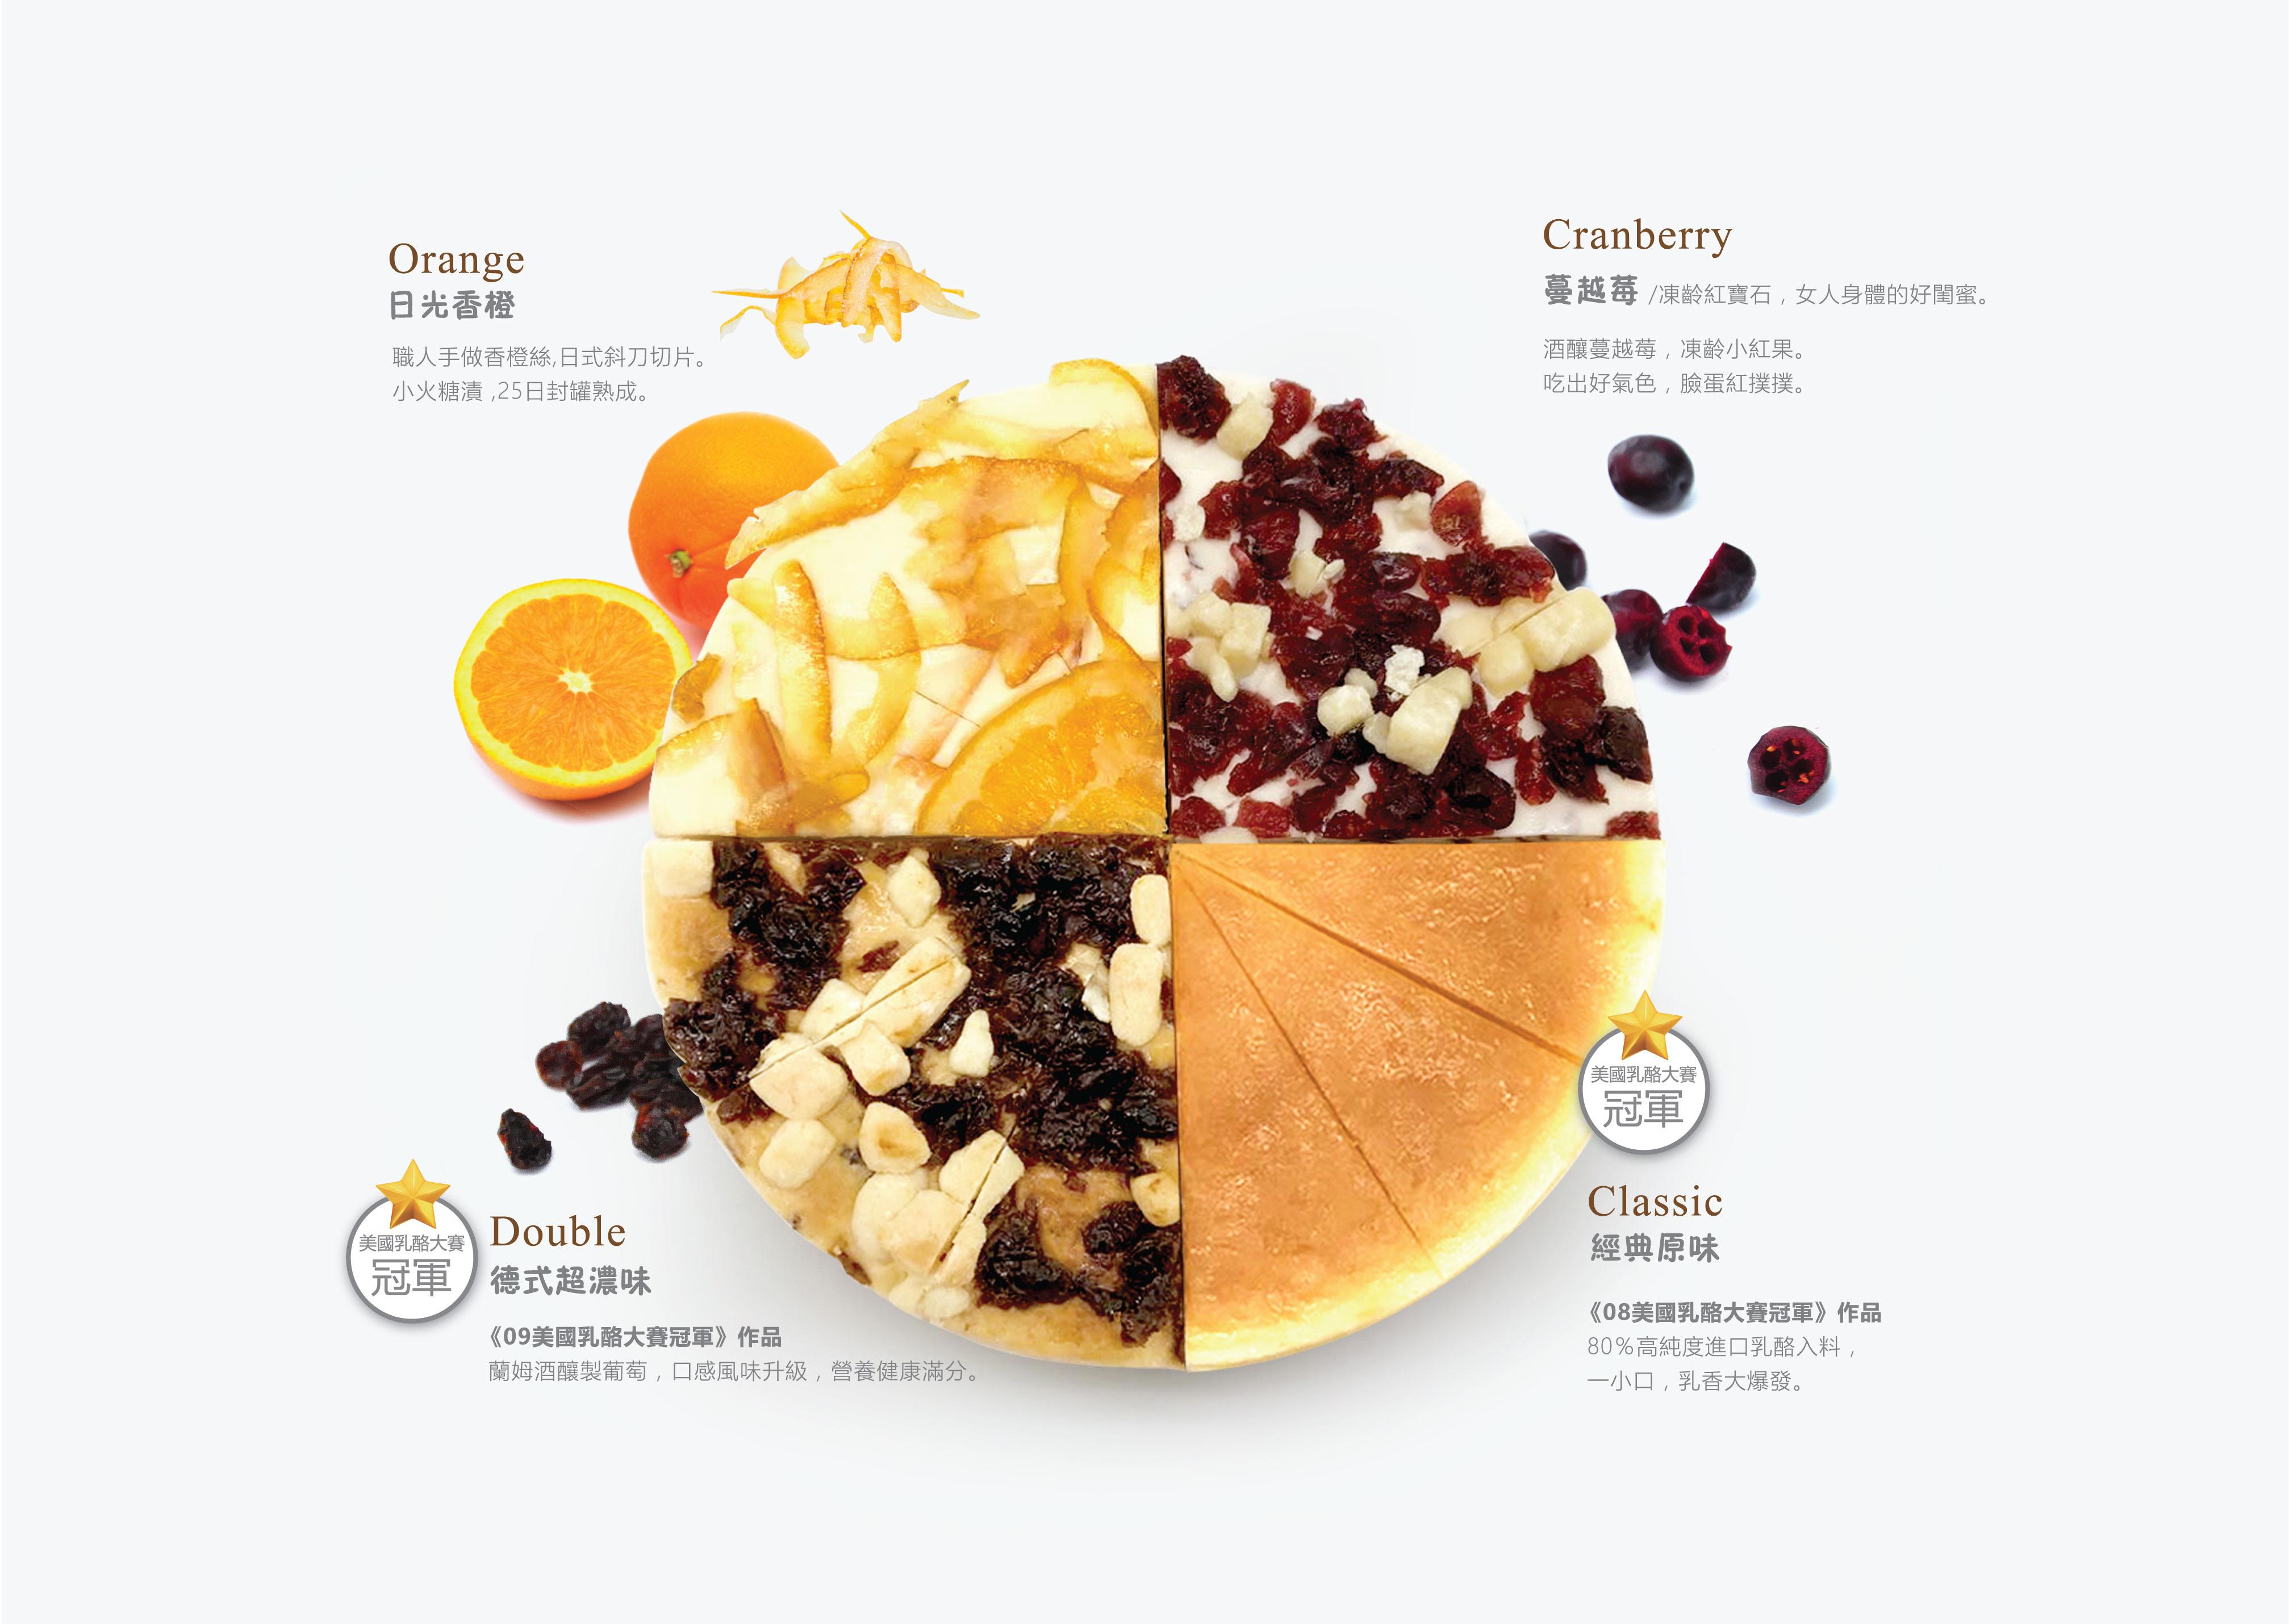 排行榜COOL酪 Top Cool Cheese 09